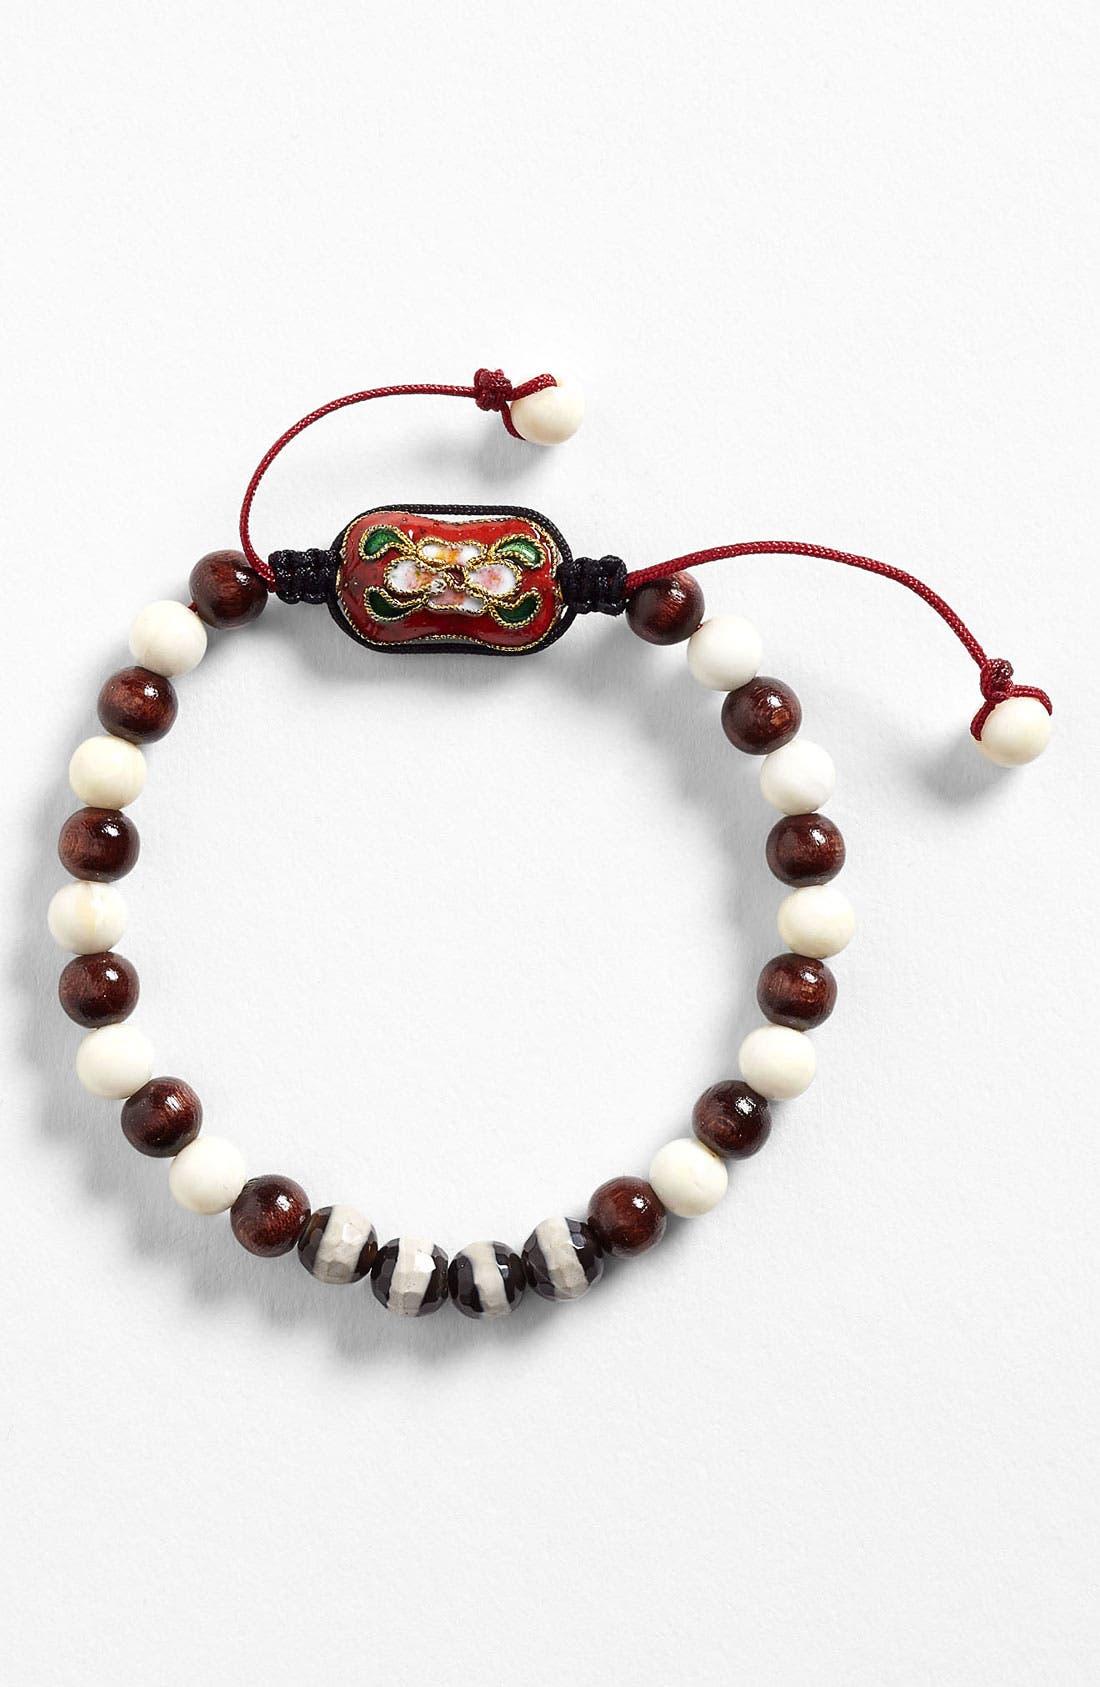 Main Image - Bonnie Jonas 'Spirit' Cloisonné Friendship Bracelet